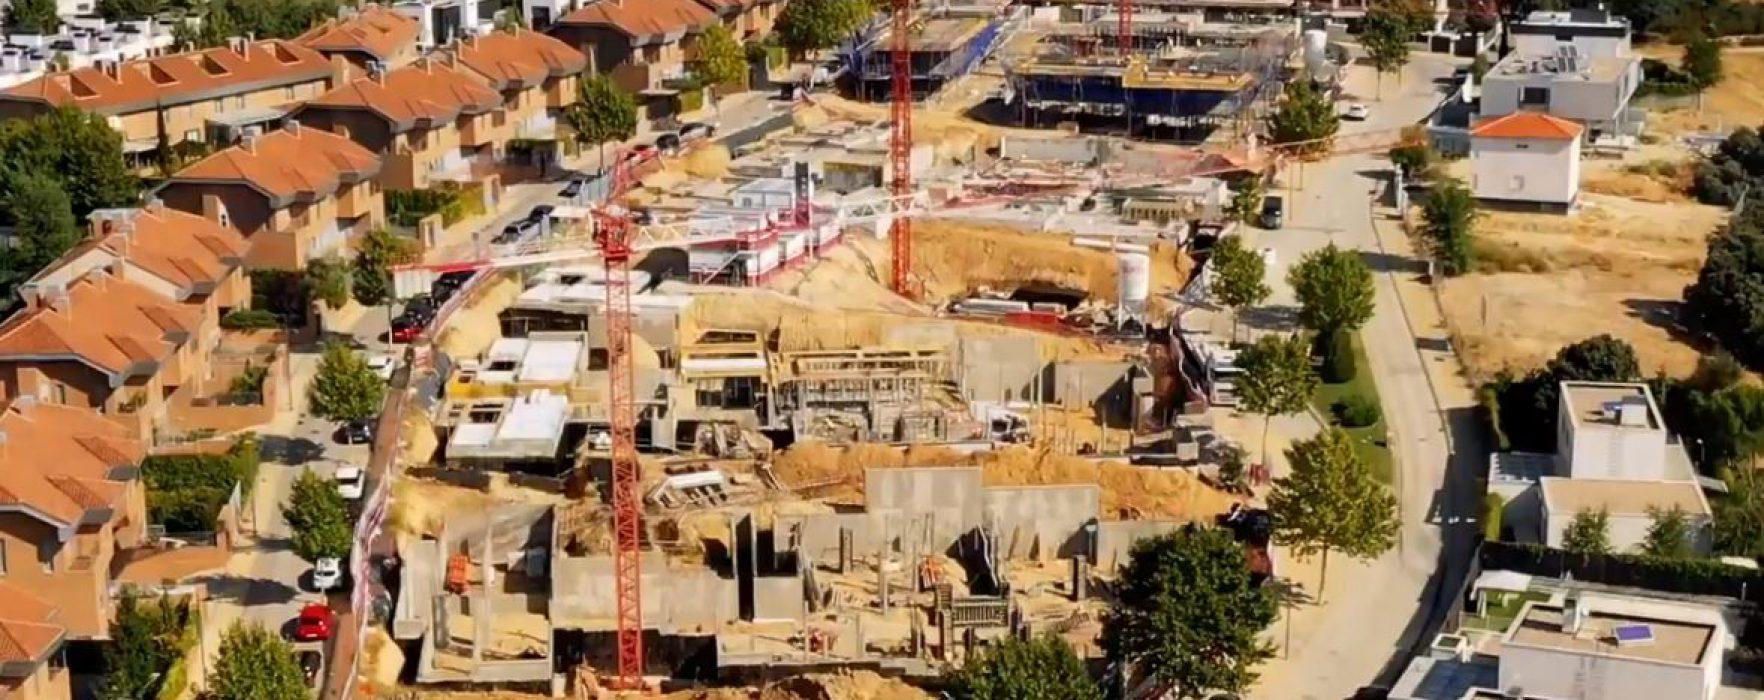 Tu piso o chalet de obra nueva a 5 minutos de Majadahonda, más cerca de convertirse en realidad